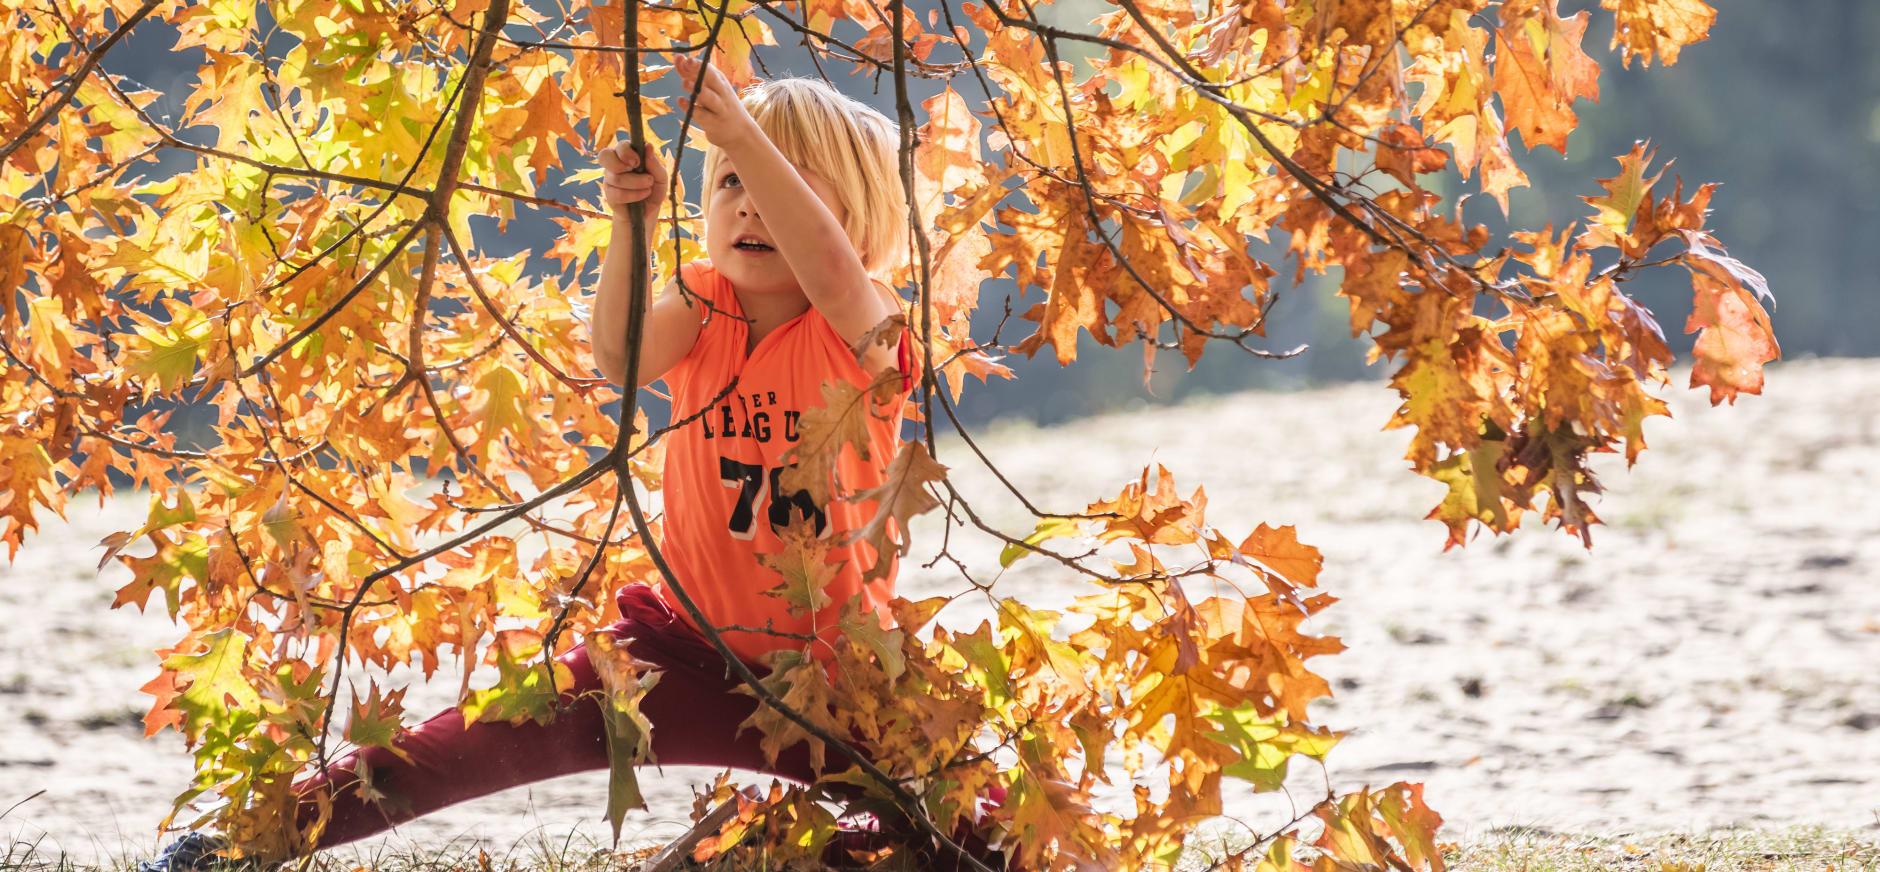 Jongen spelend in een boom - OERRR